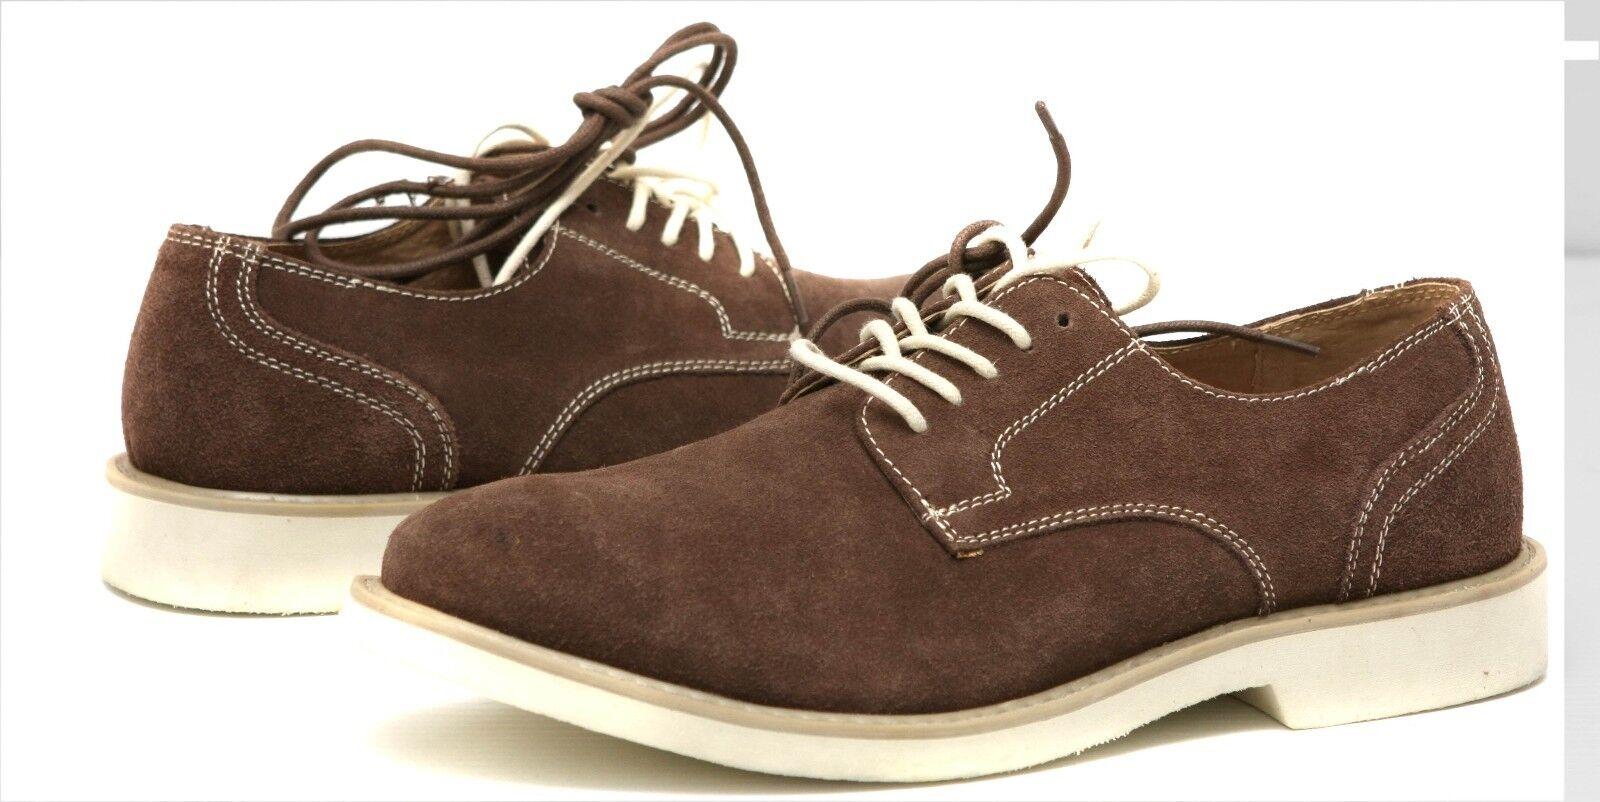 New Florsheim oxfords  suede men's shoes size 10.5 (Msr  )